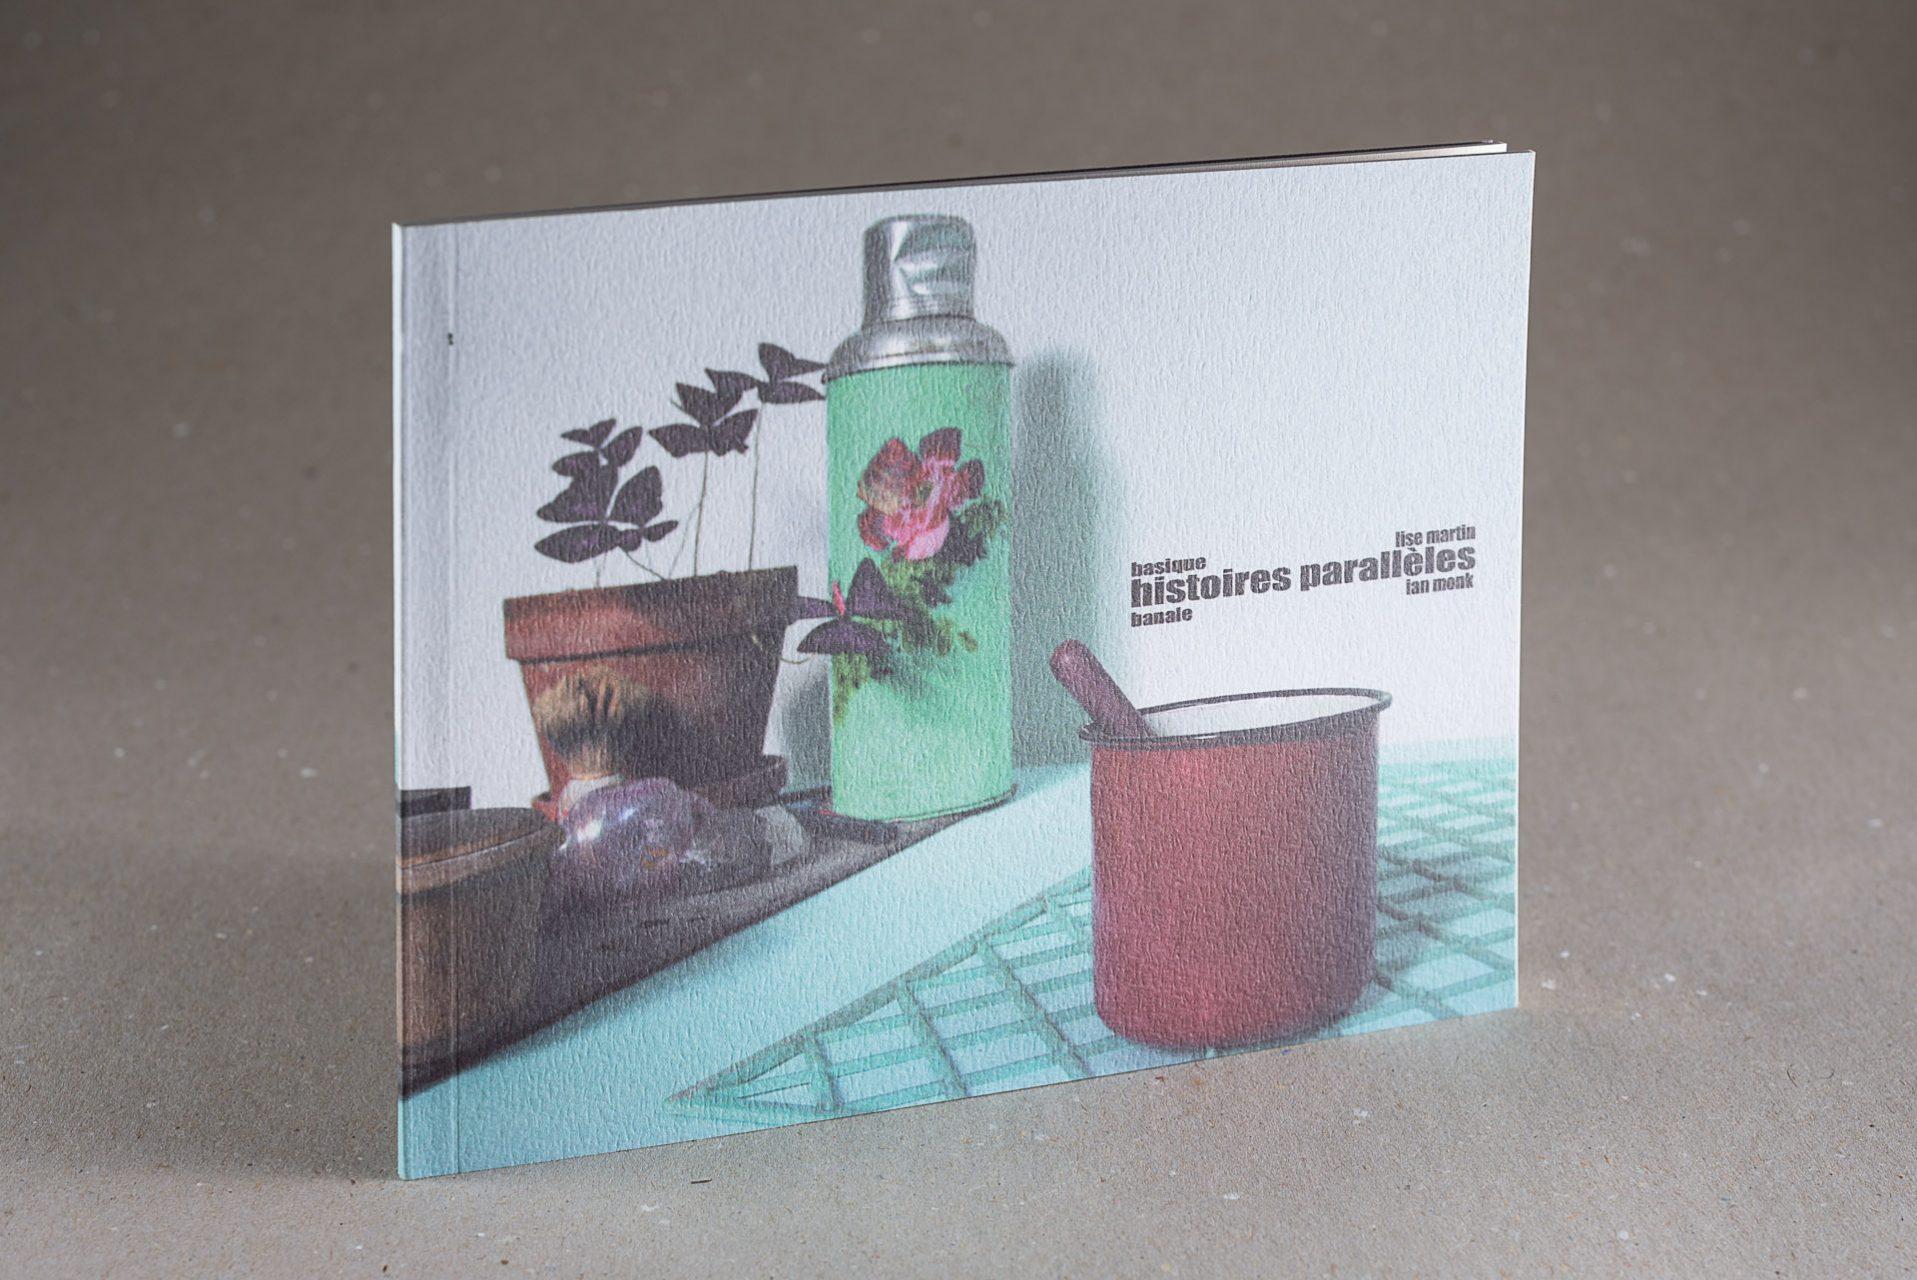 web-hd-nuit-myrtide-livre-histoires-paralleles-monk-martin-01